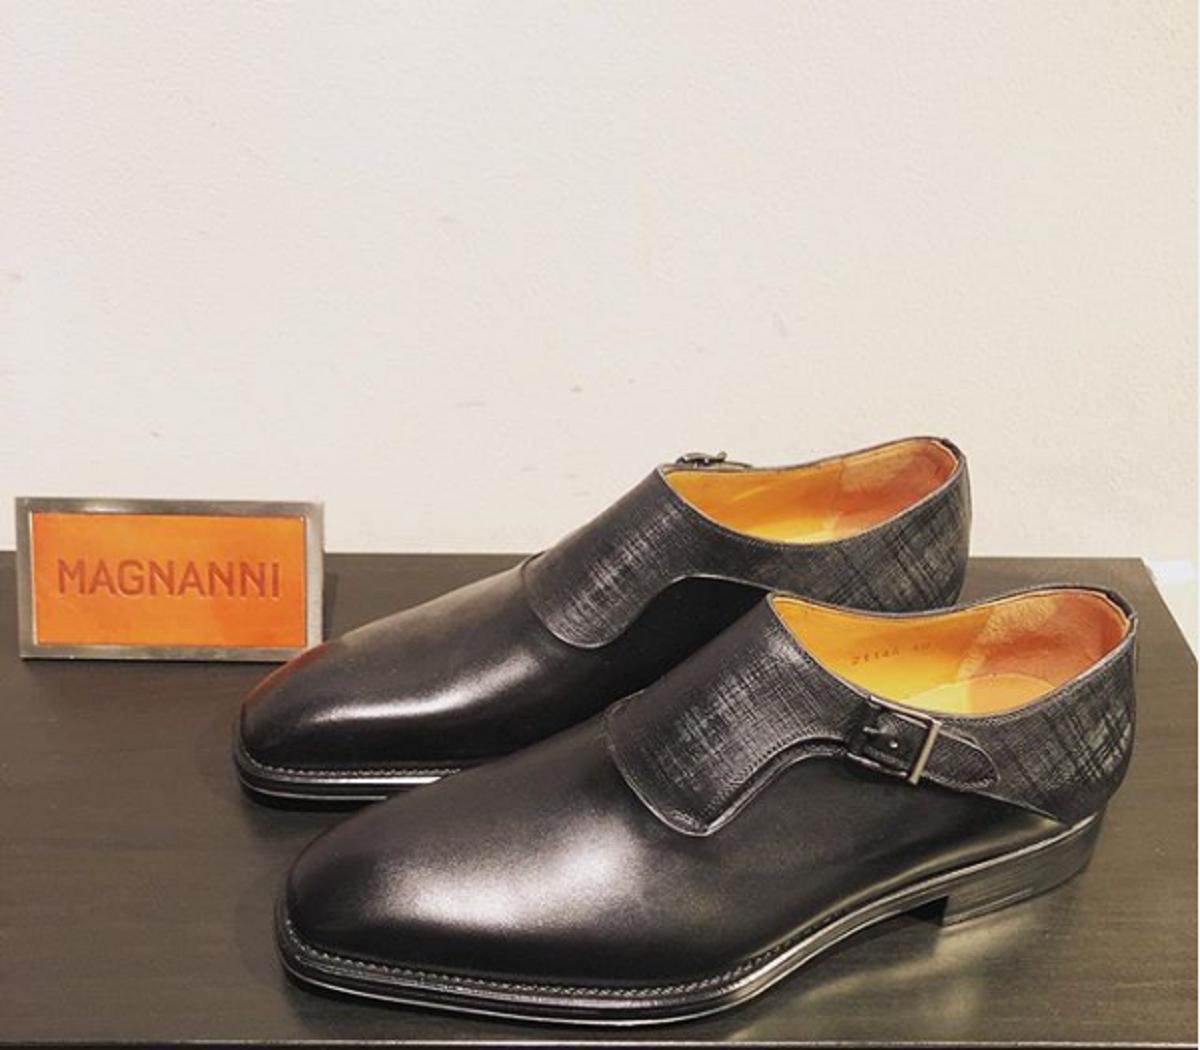 Zapatos Magnanni en Zaragoza - Trocadero Shoes